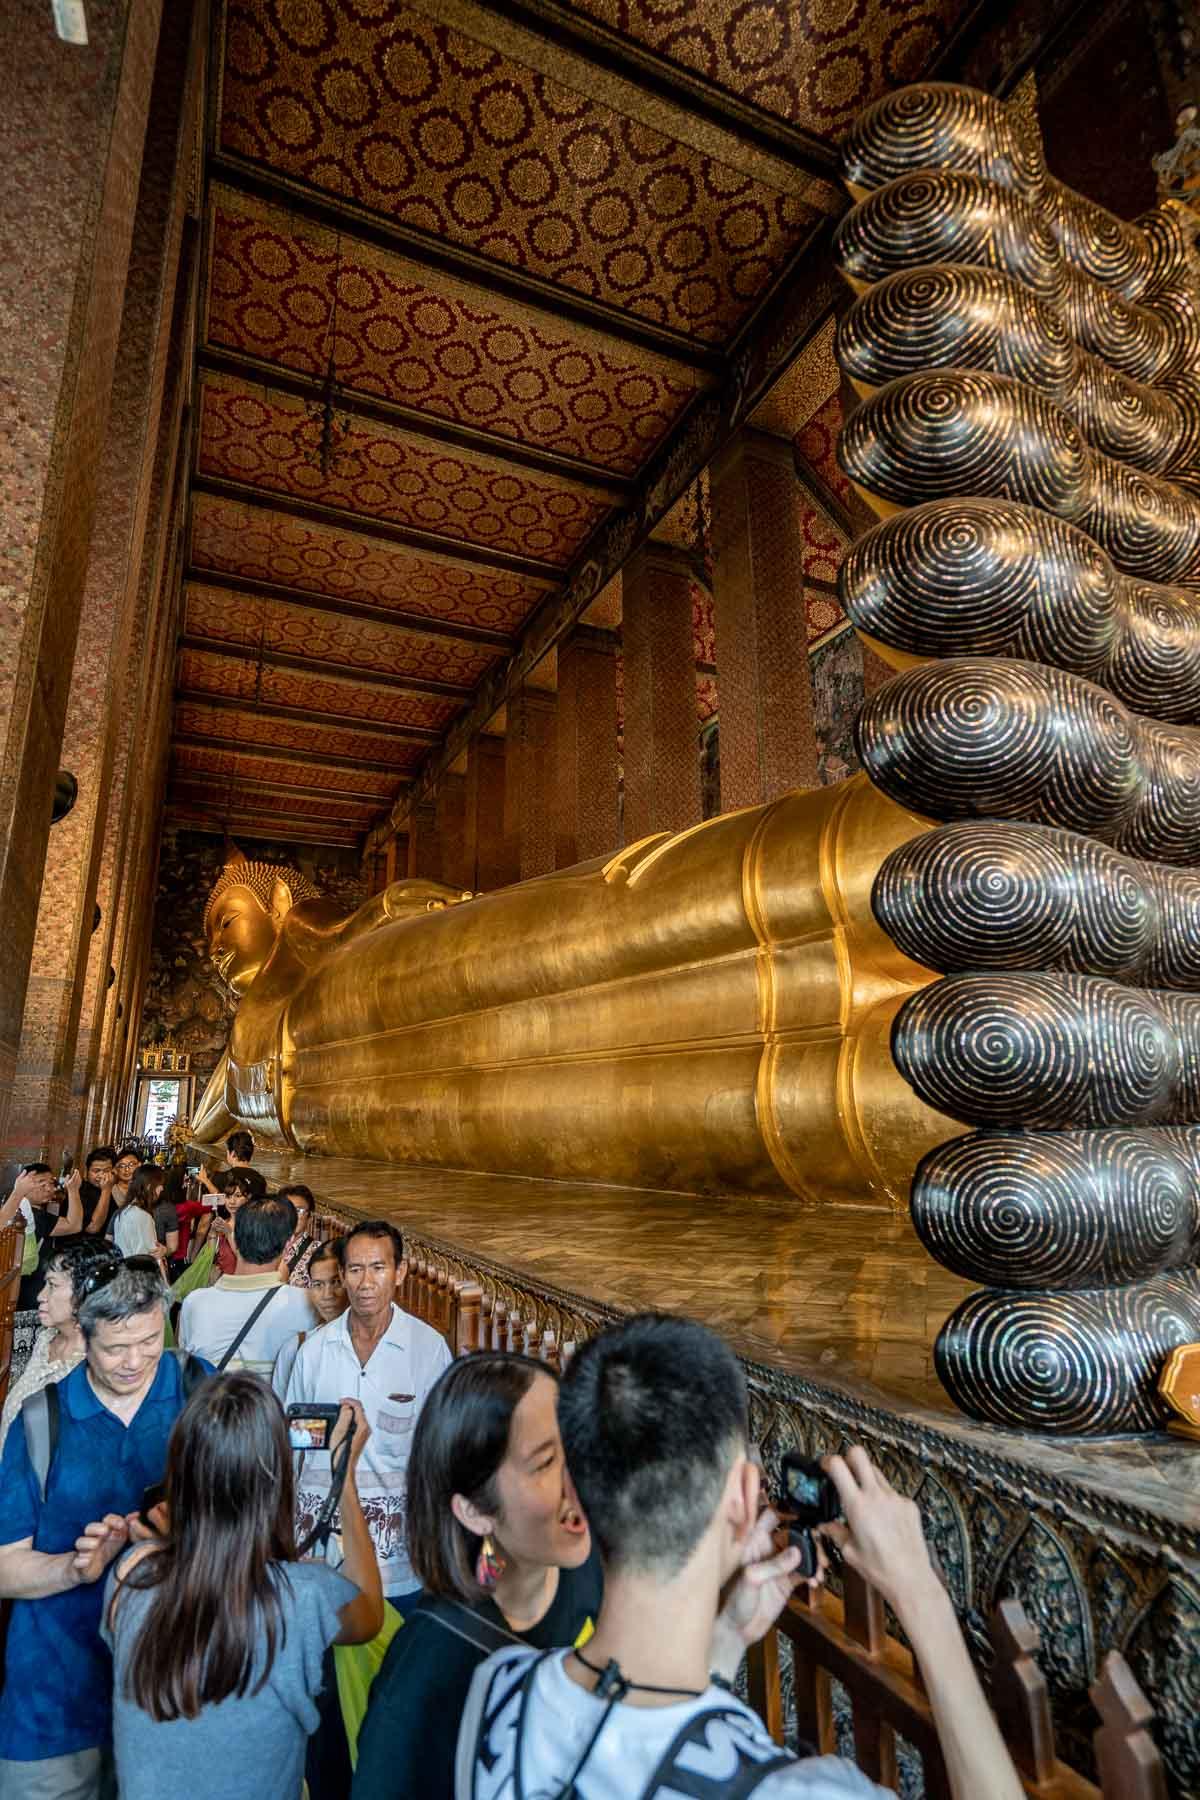 The huge reclining Buddha statue at Wat Pho in Bangkok